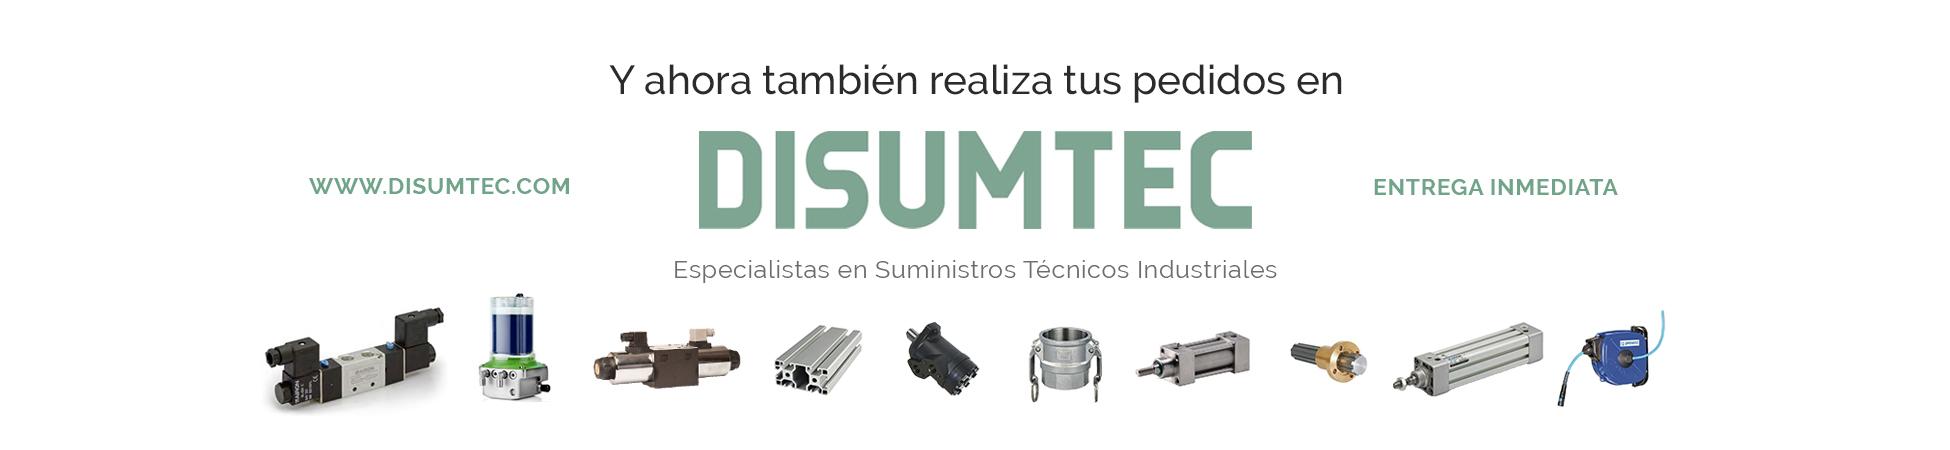 Suministros técnicos industriales